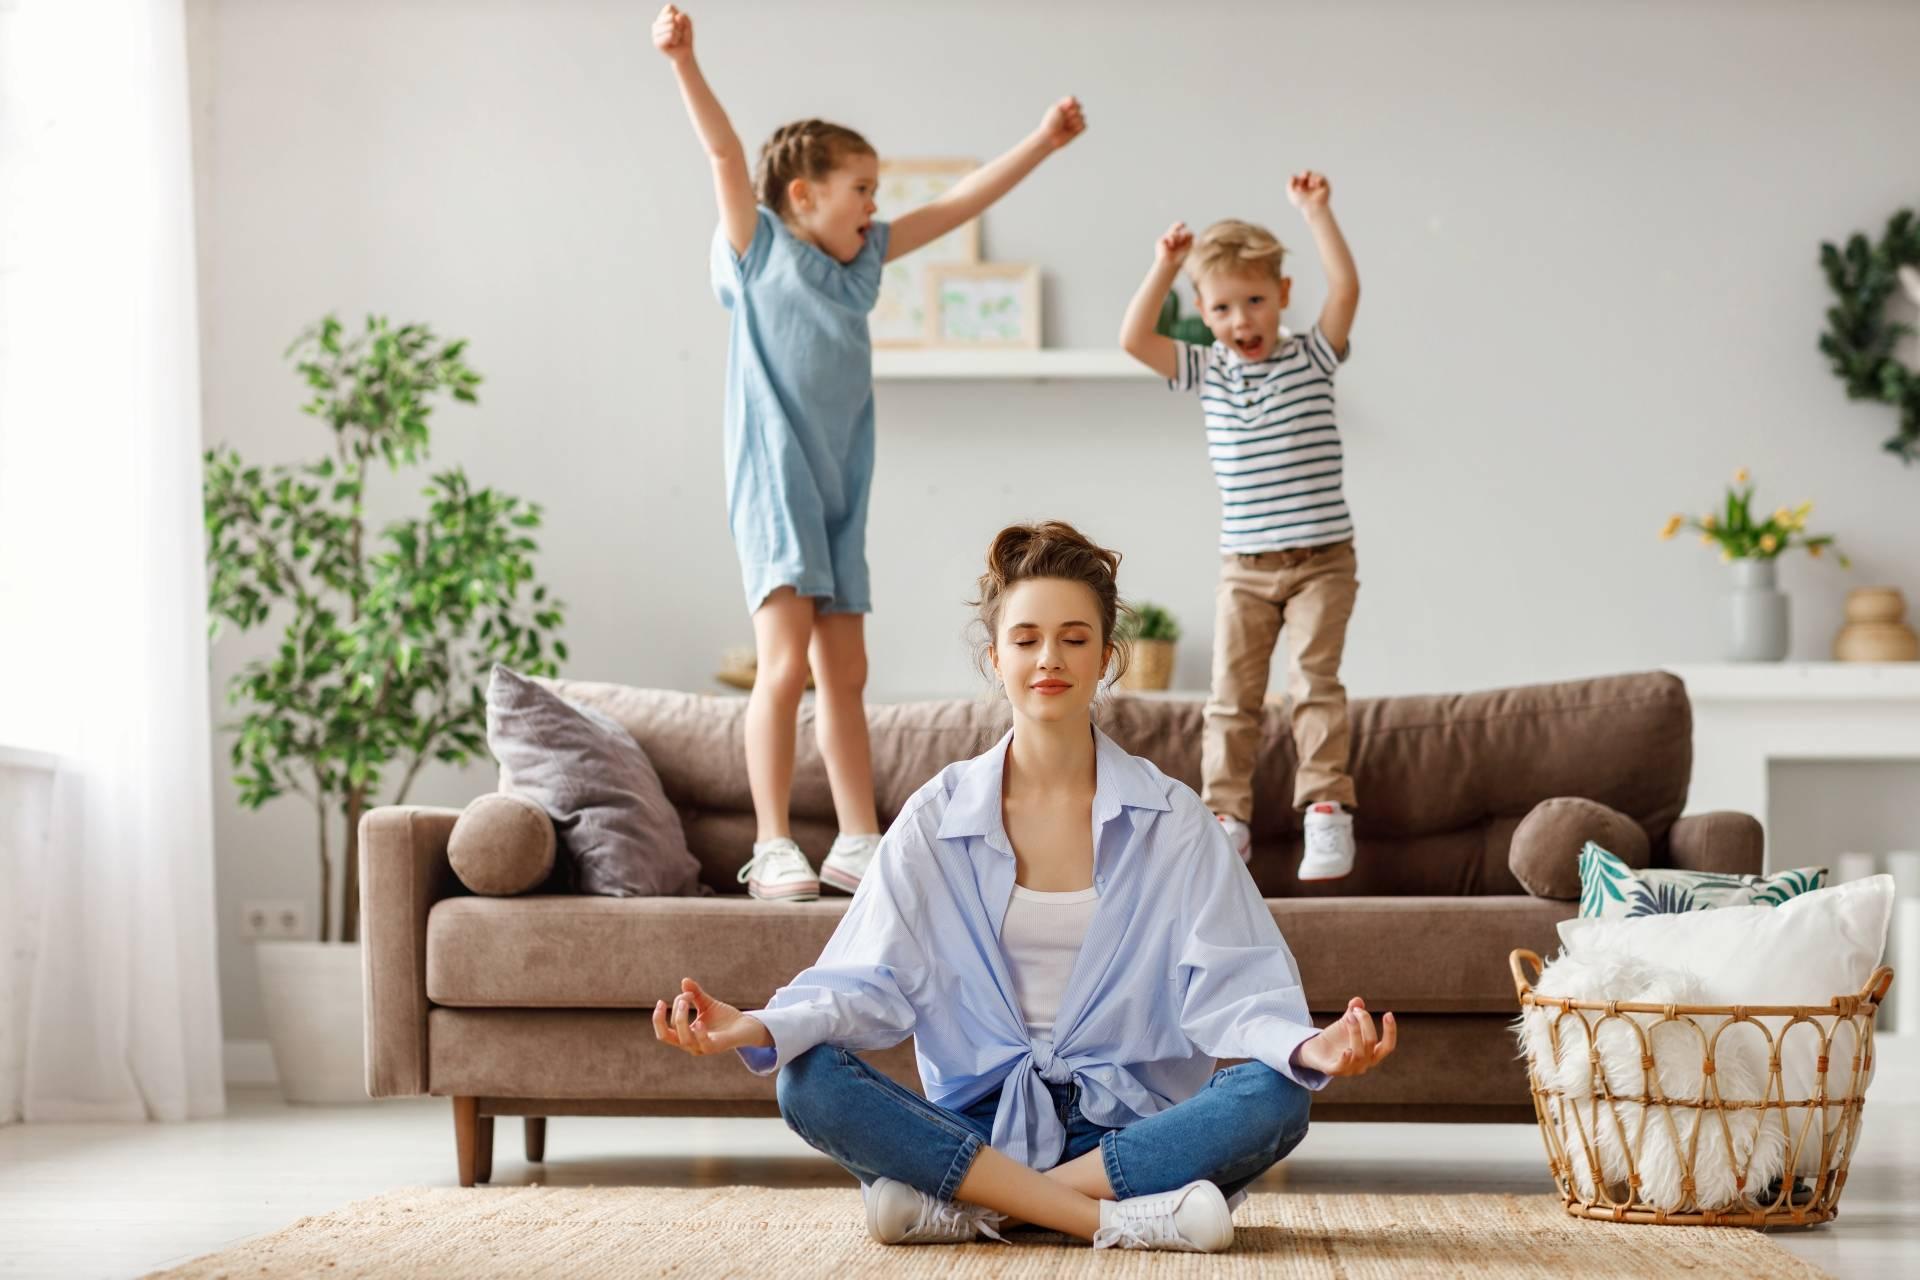 Work-life balance - jak odnaleźć równowagę? Młoda mama siedzi po turecku na podłodze w salonie i medytuje. Za nią na kanapie skaczą dzieci, obok stoi wiklinowy kosz z kocami i poduszką.